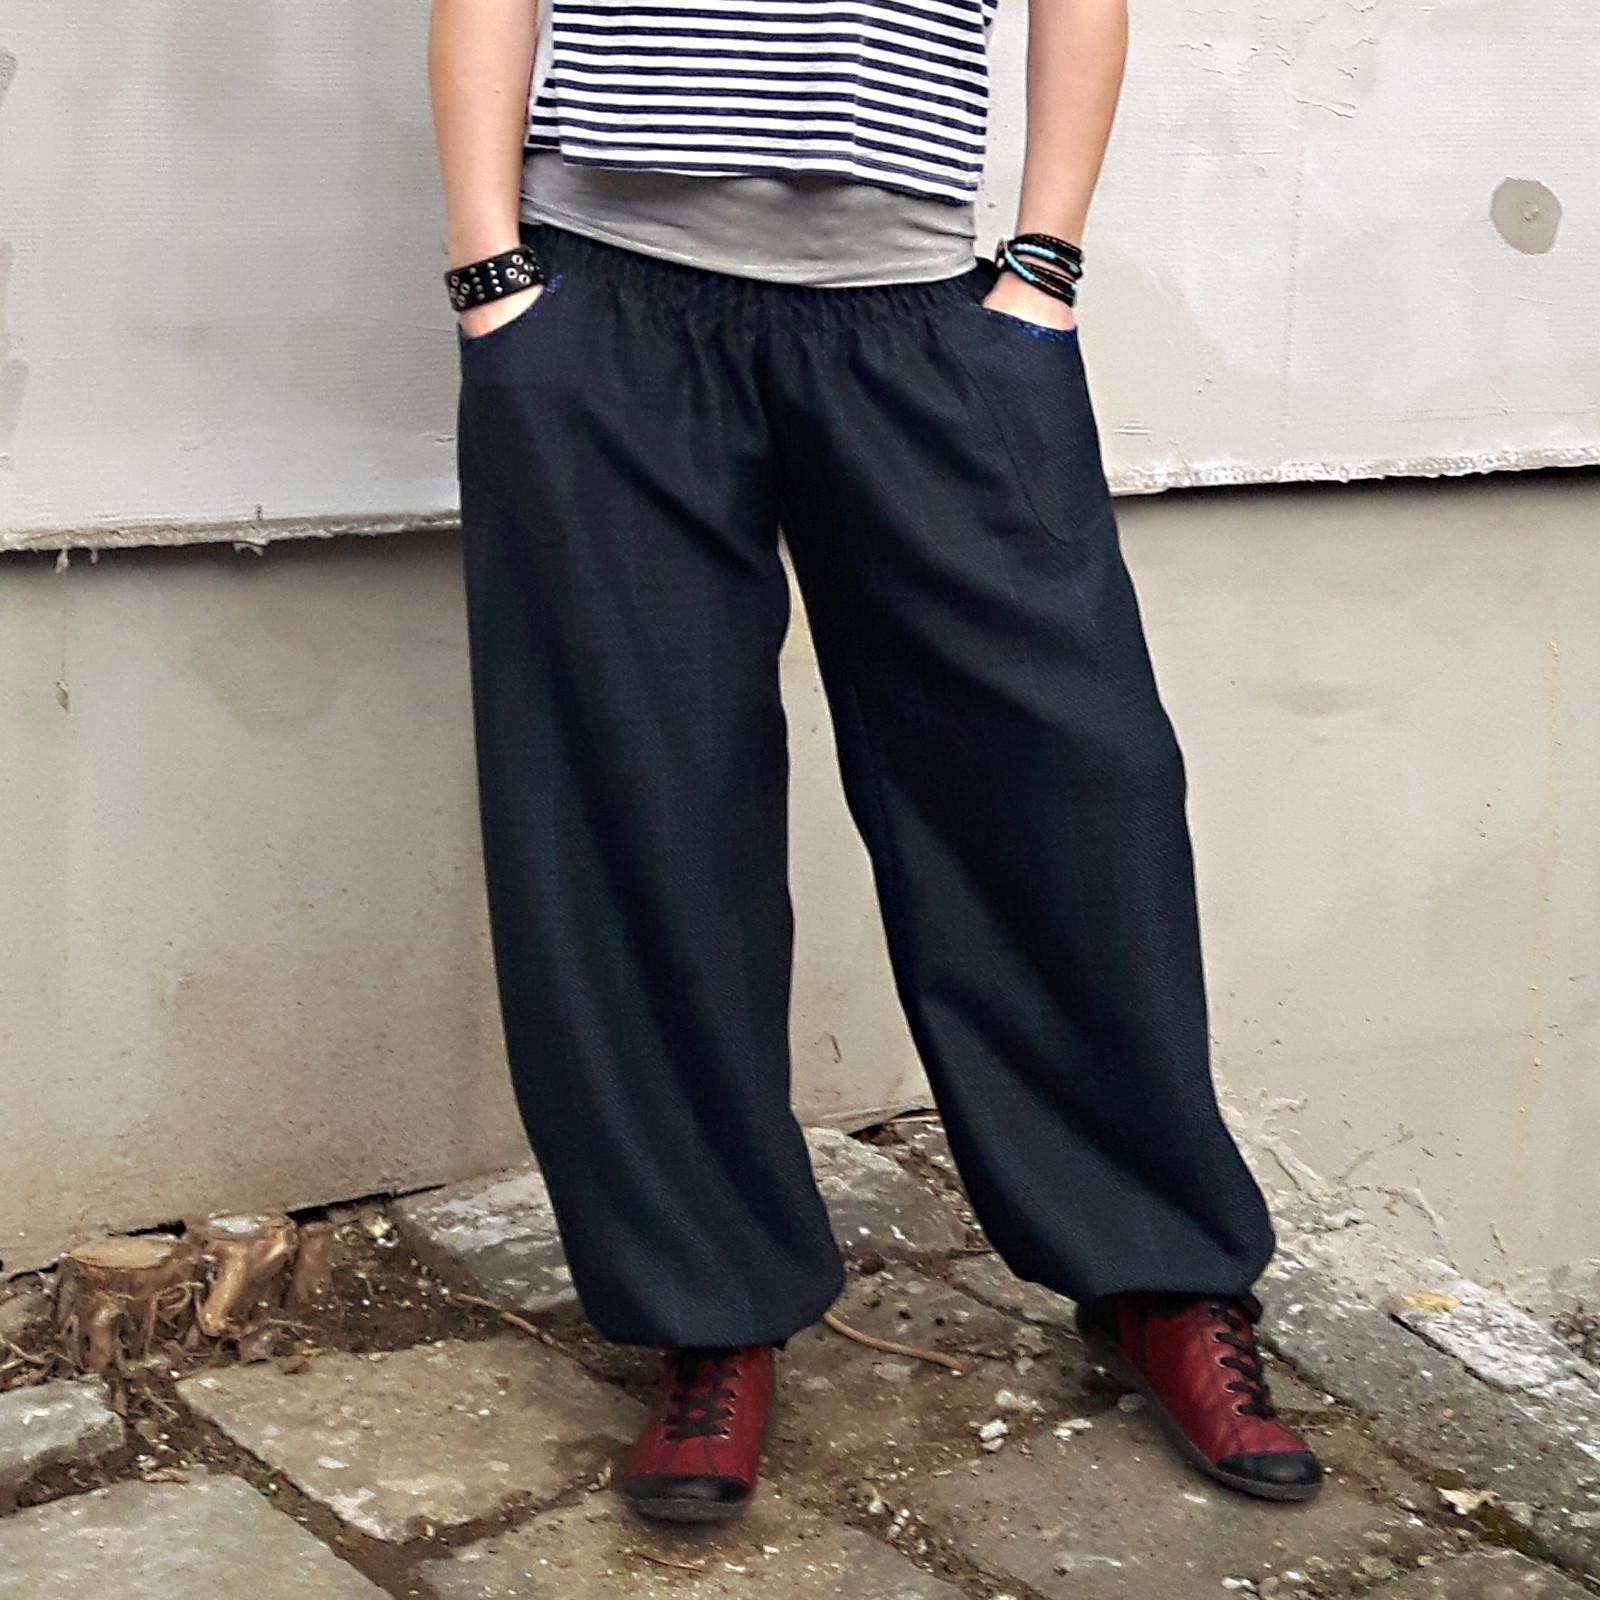 Turecké kalhoty Teplé modré s kapsami   Zboží prodejce madd  088a815642